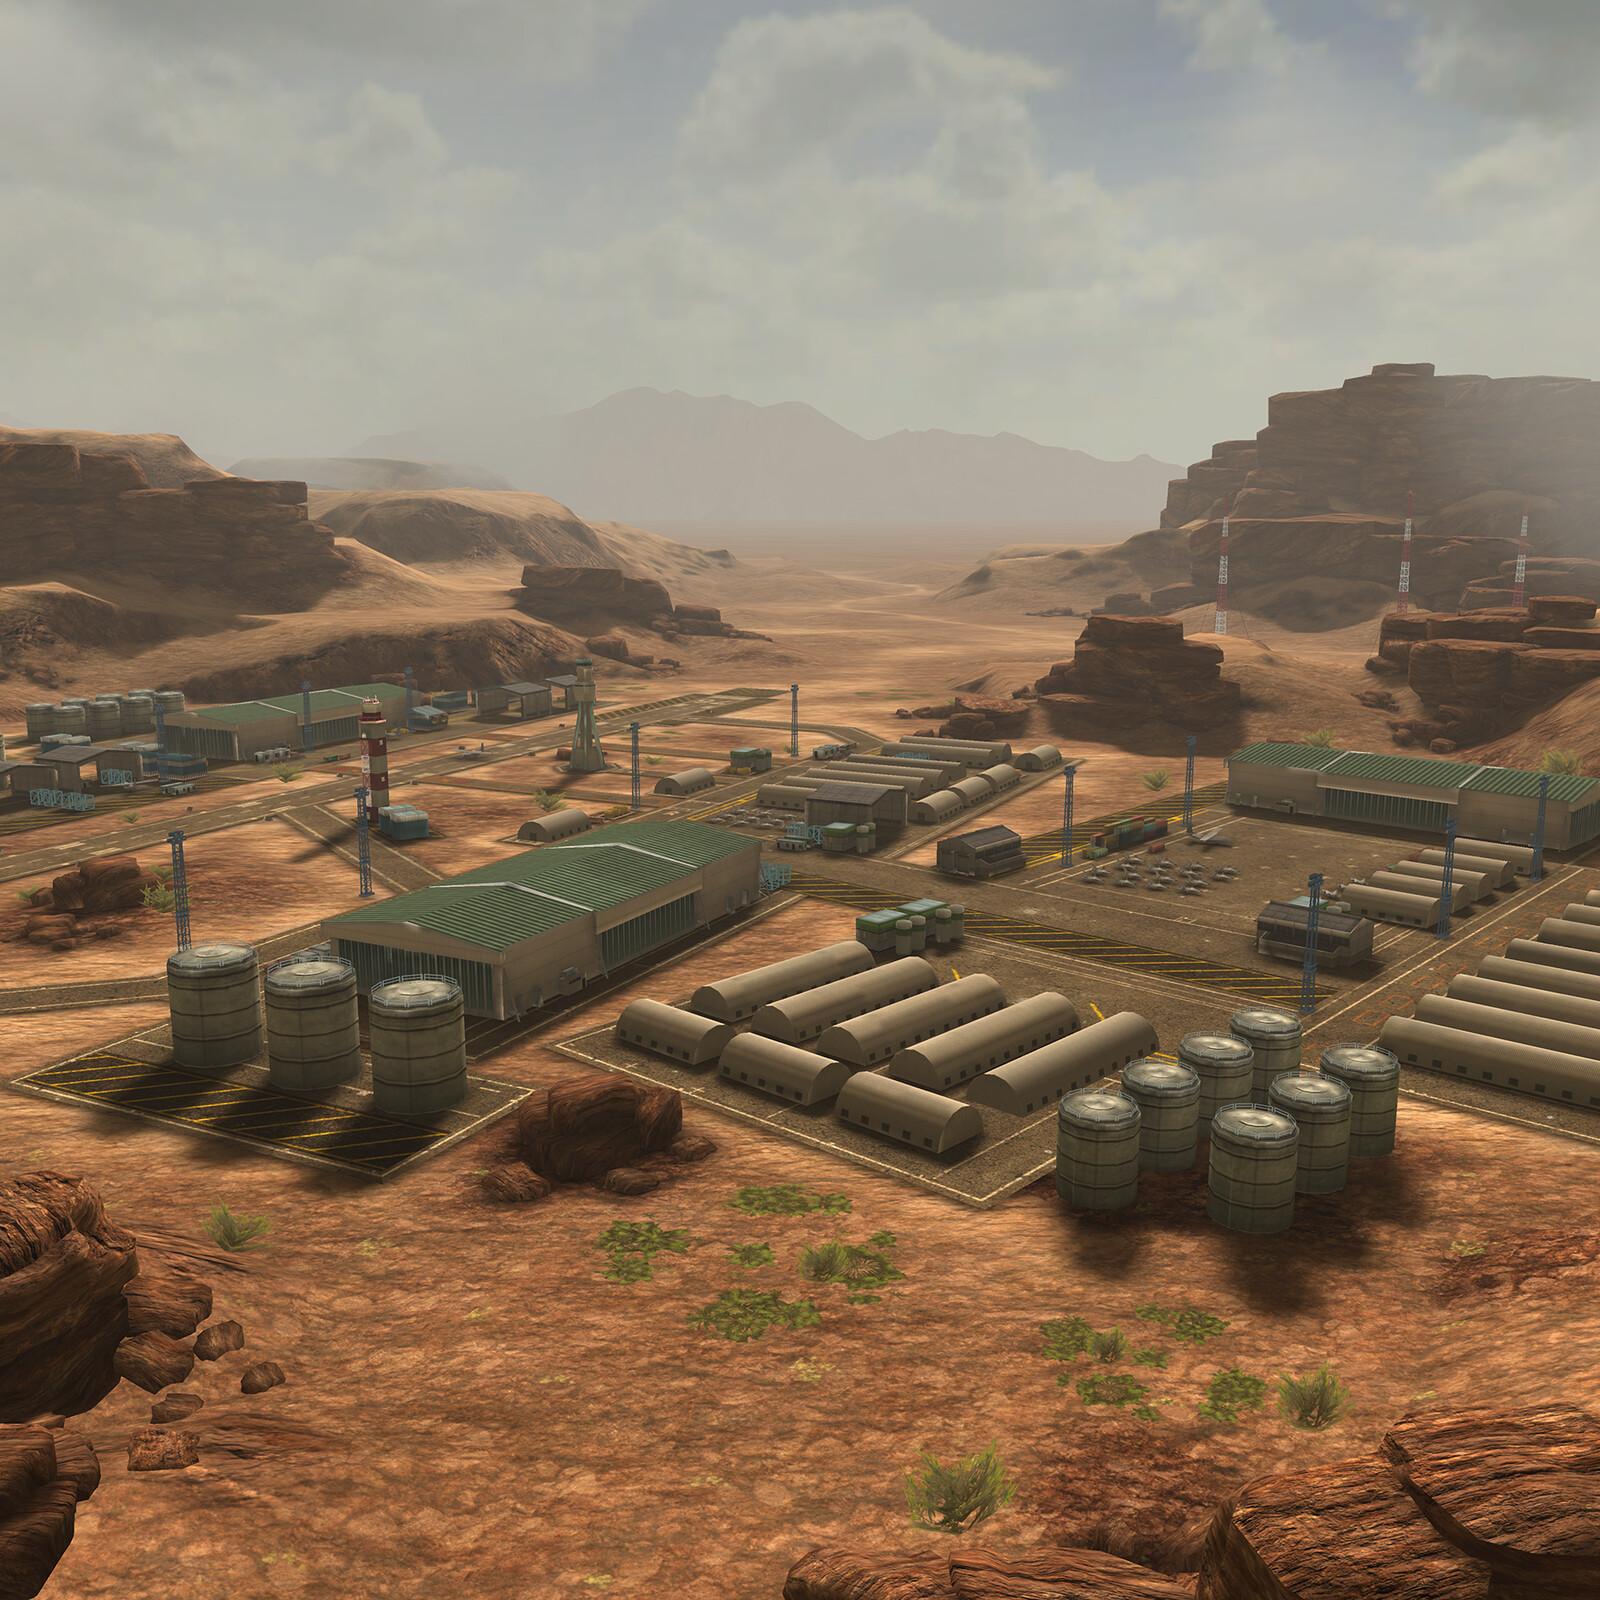 Desert Military base.